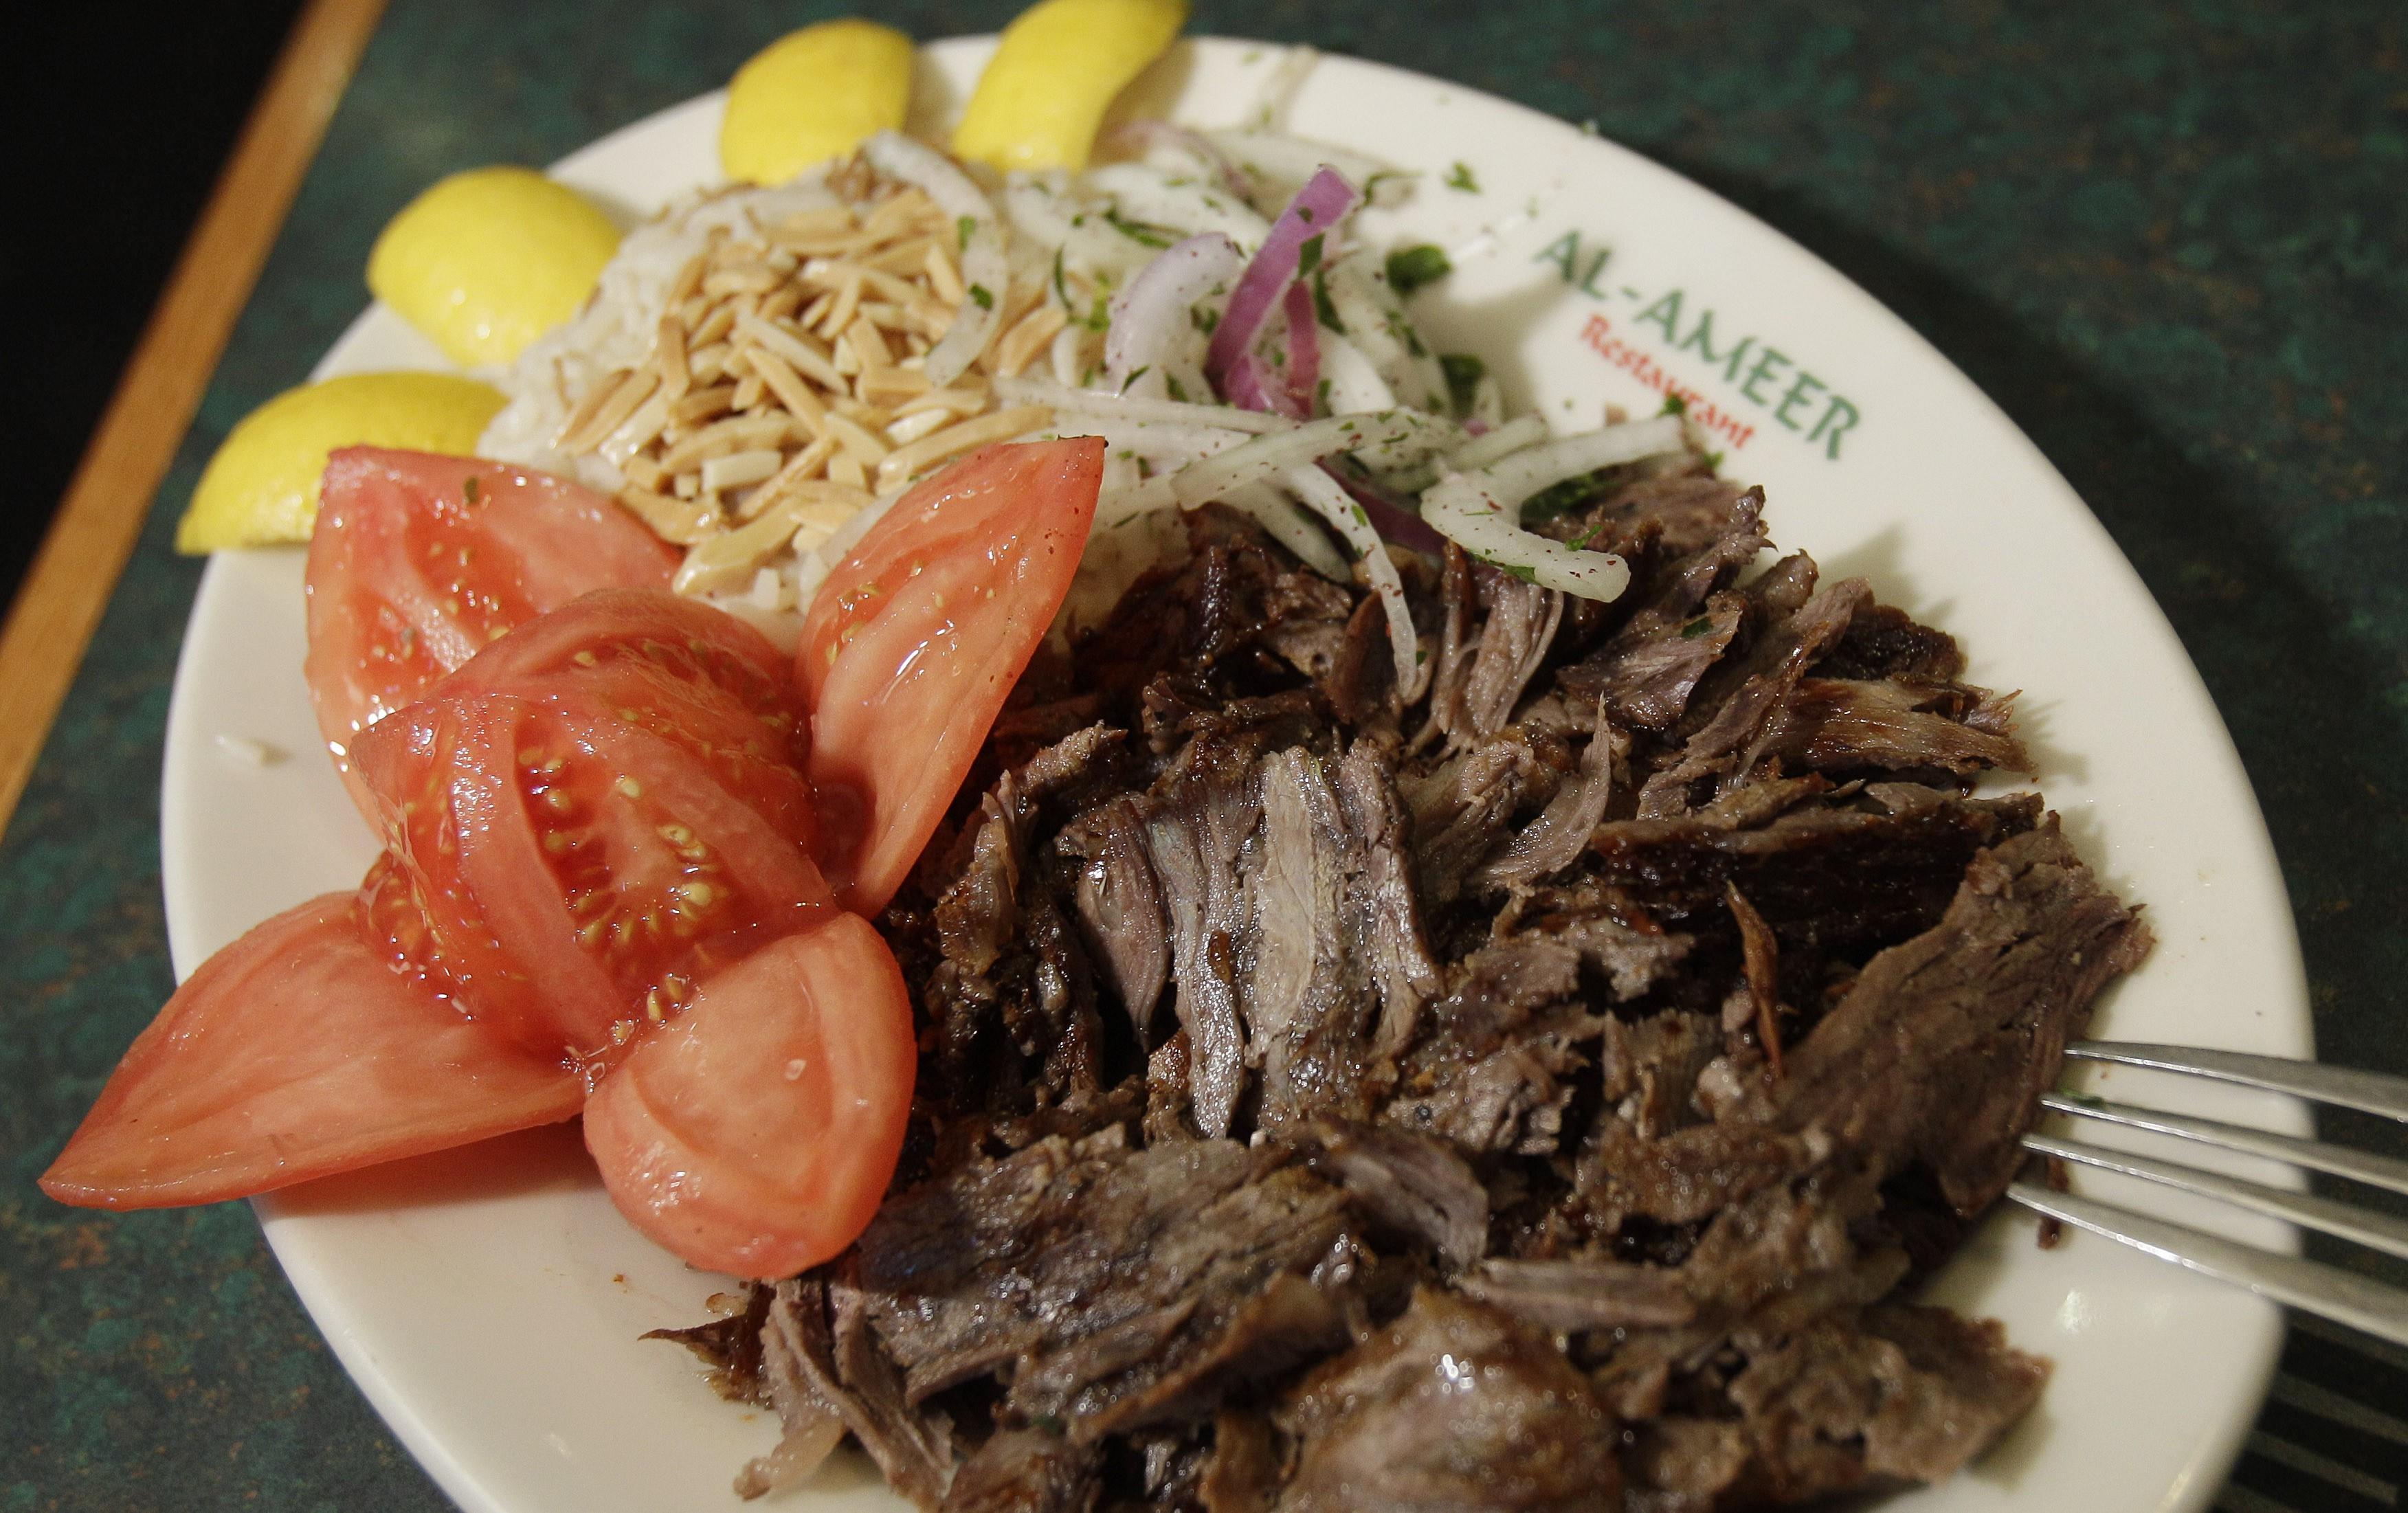 Lamb shawarma in Michigan